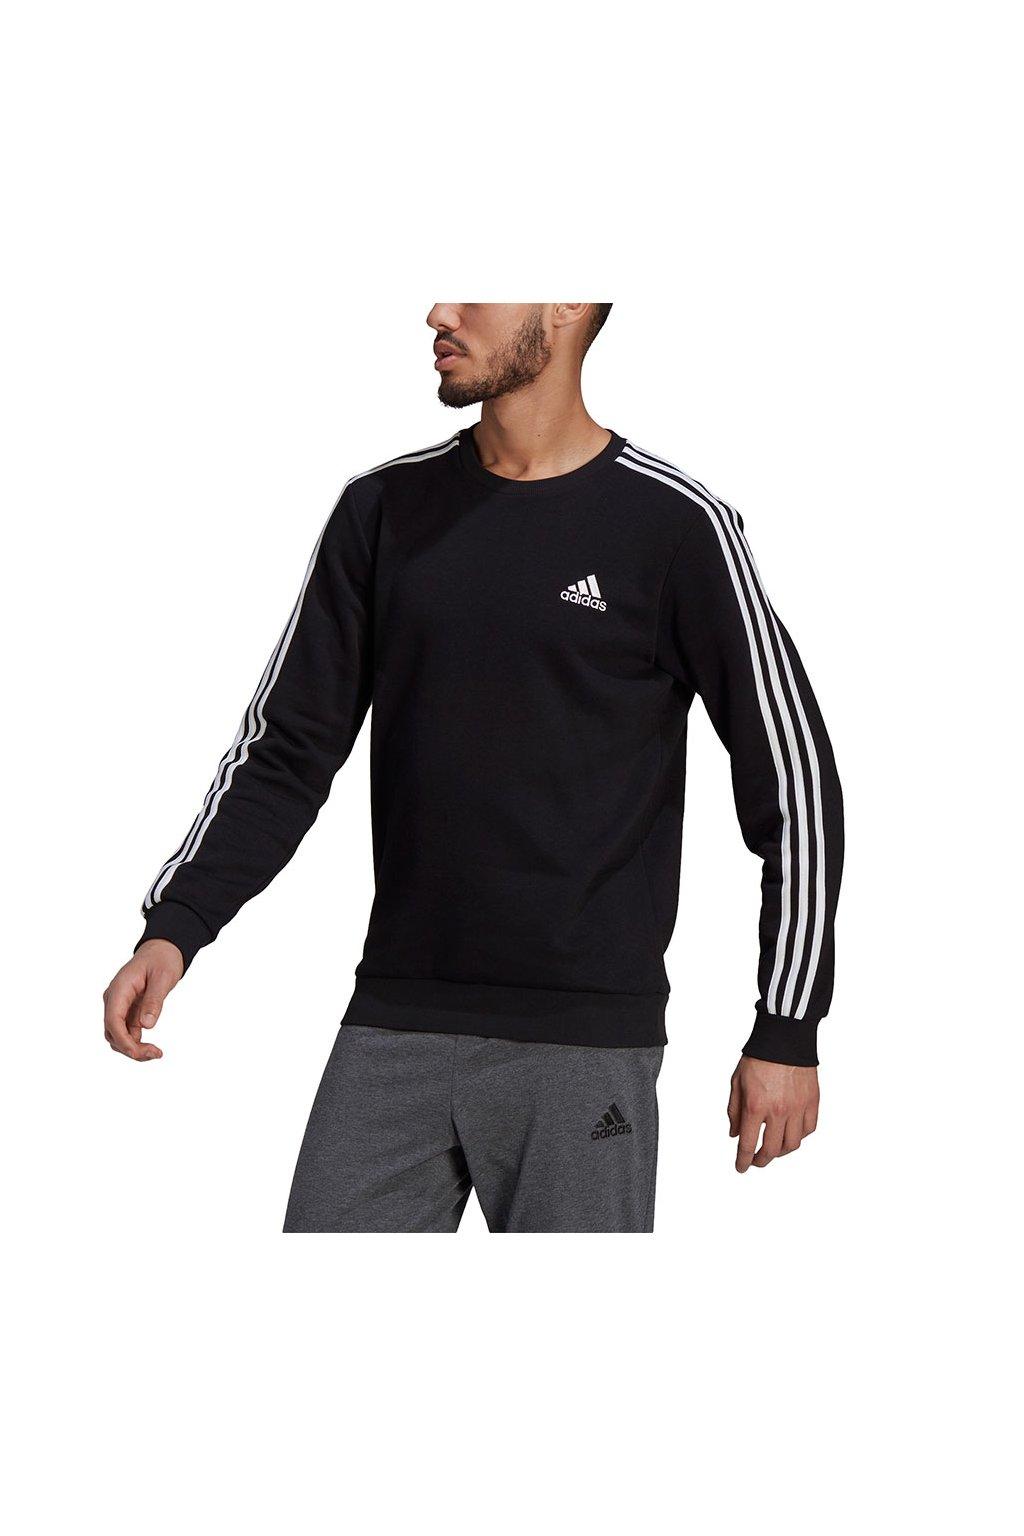 Pánska mikina adidas Essentials Sweatshirt čierna GK9106